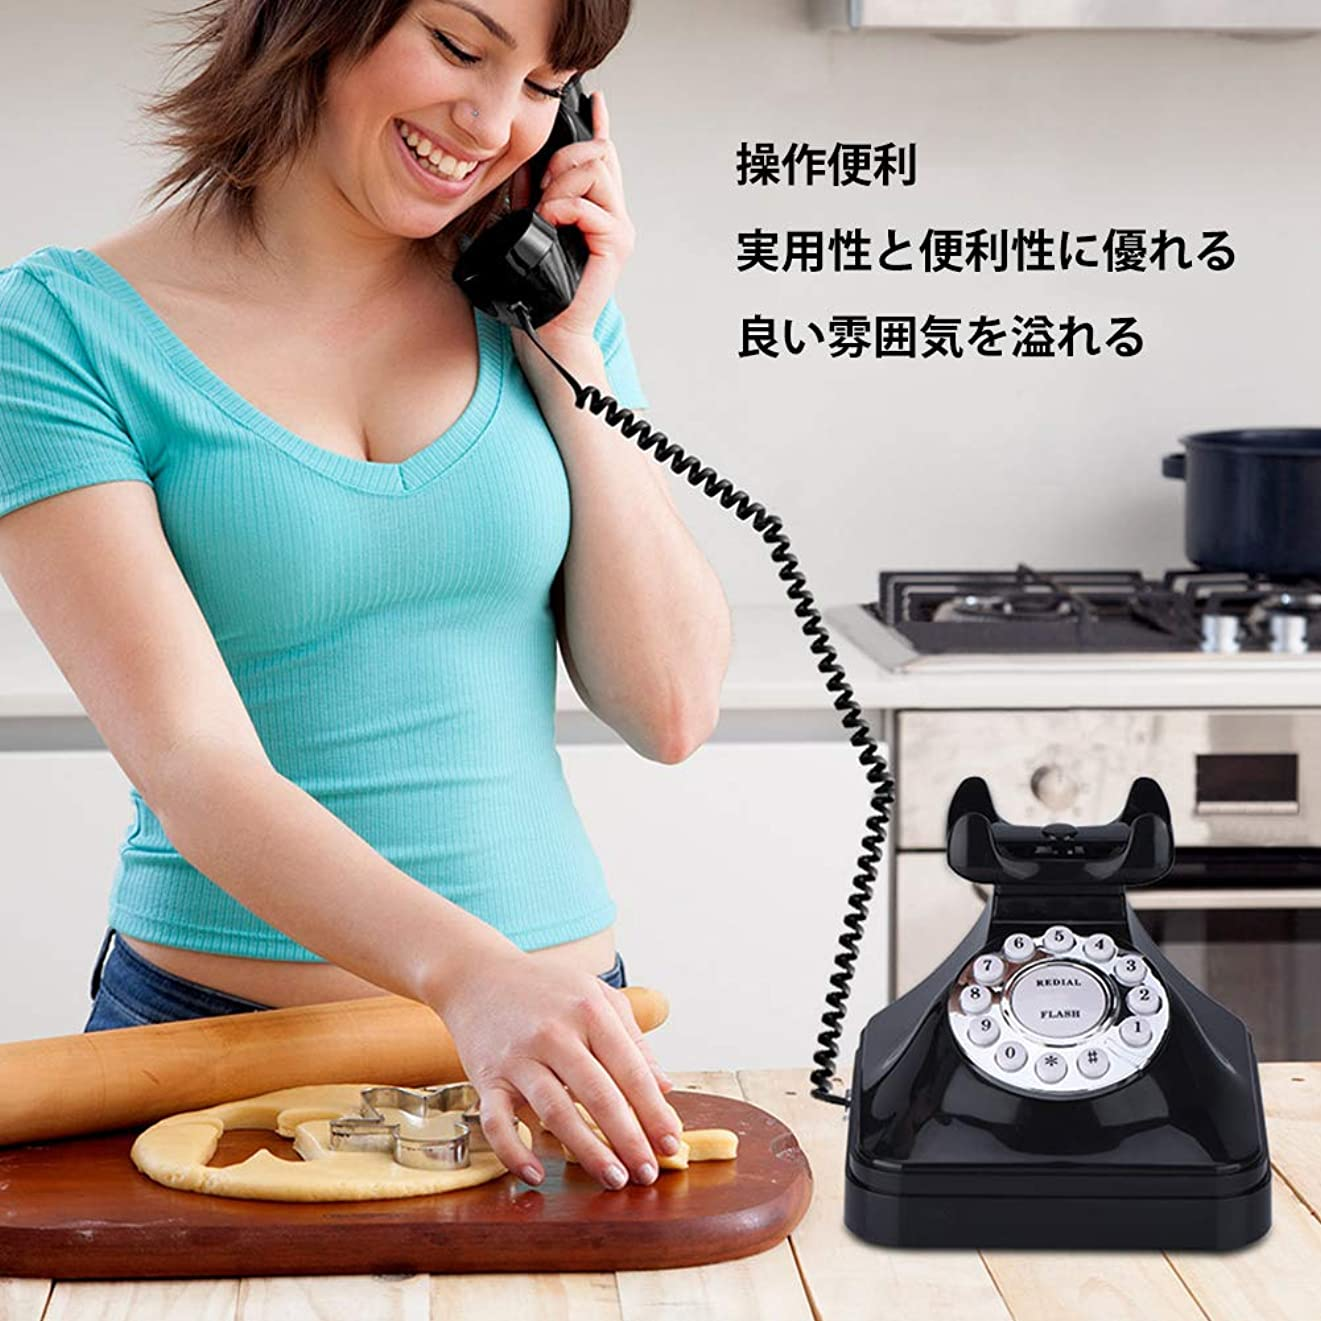 バレエ伝統未就学Acogedor 電話 レトロ電話 回転式 固定電話 多機能 オフィス ホーム 実用的 高級感な装飾品 ブラック WX - 3011